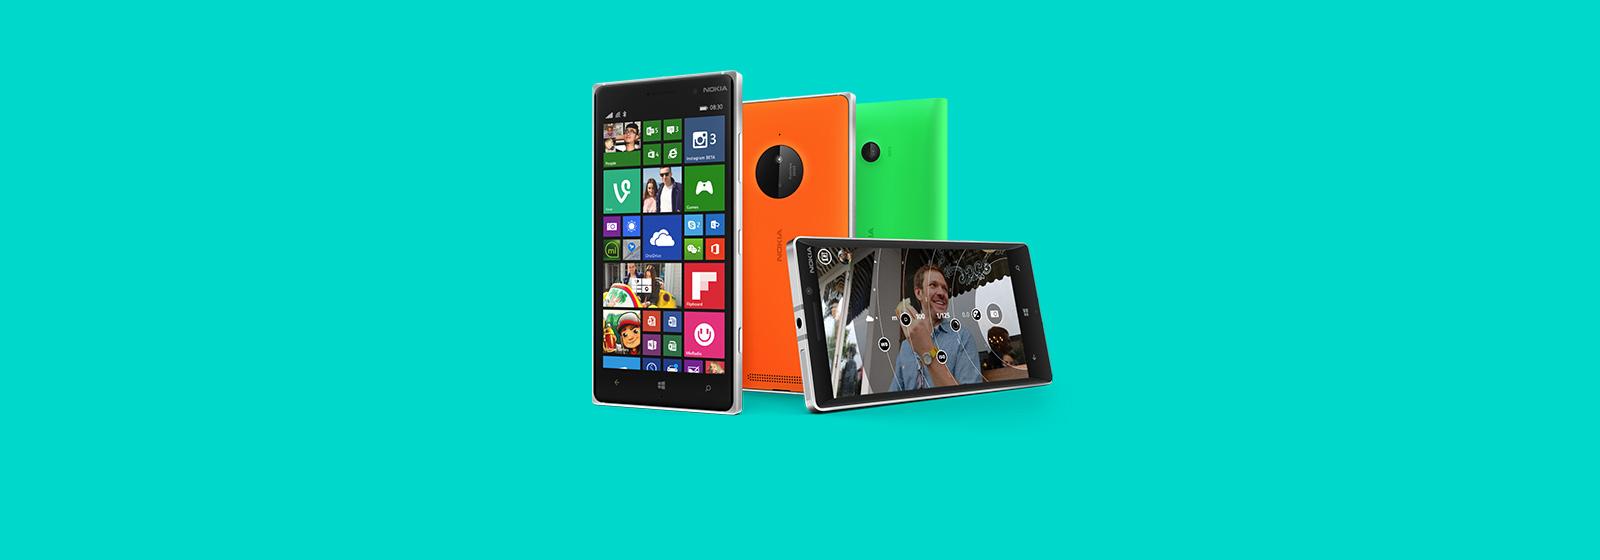 Правете повече неща с вашия смартфон. Запознайте се с устройствата Lumia.